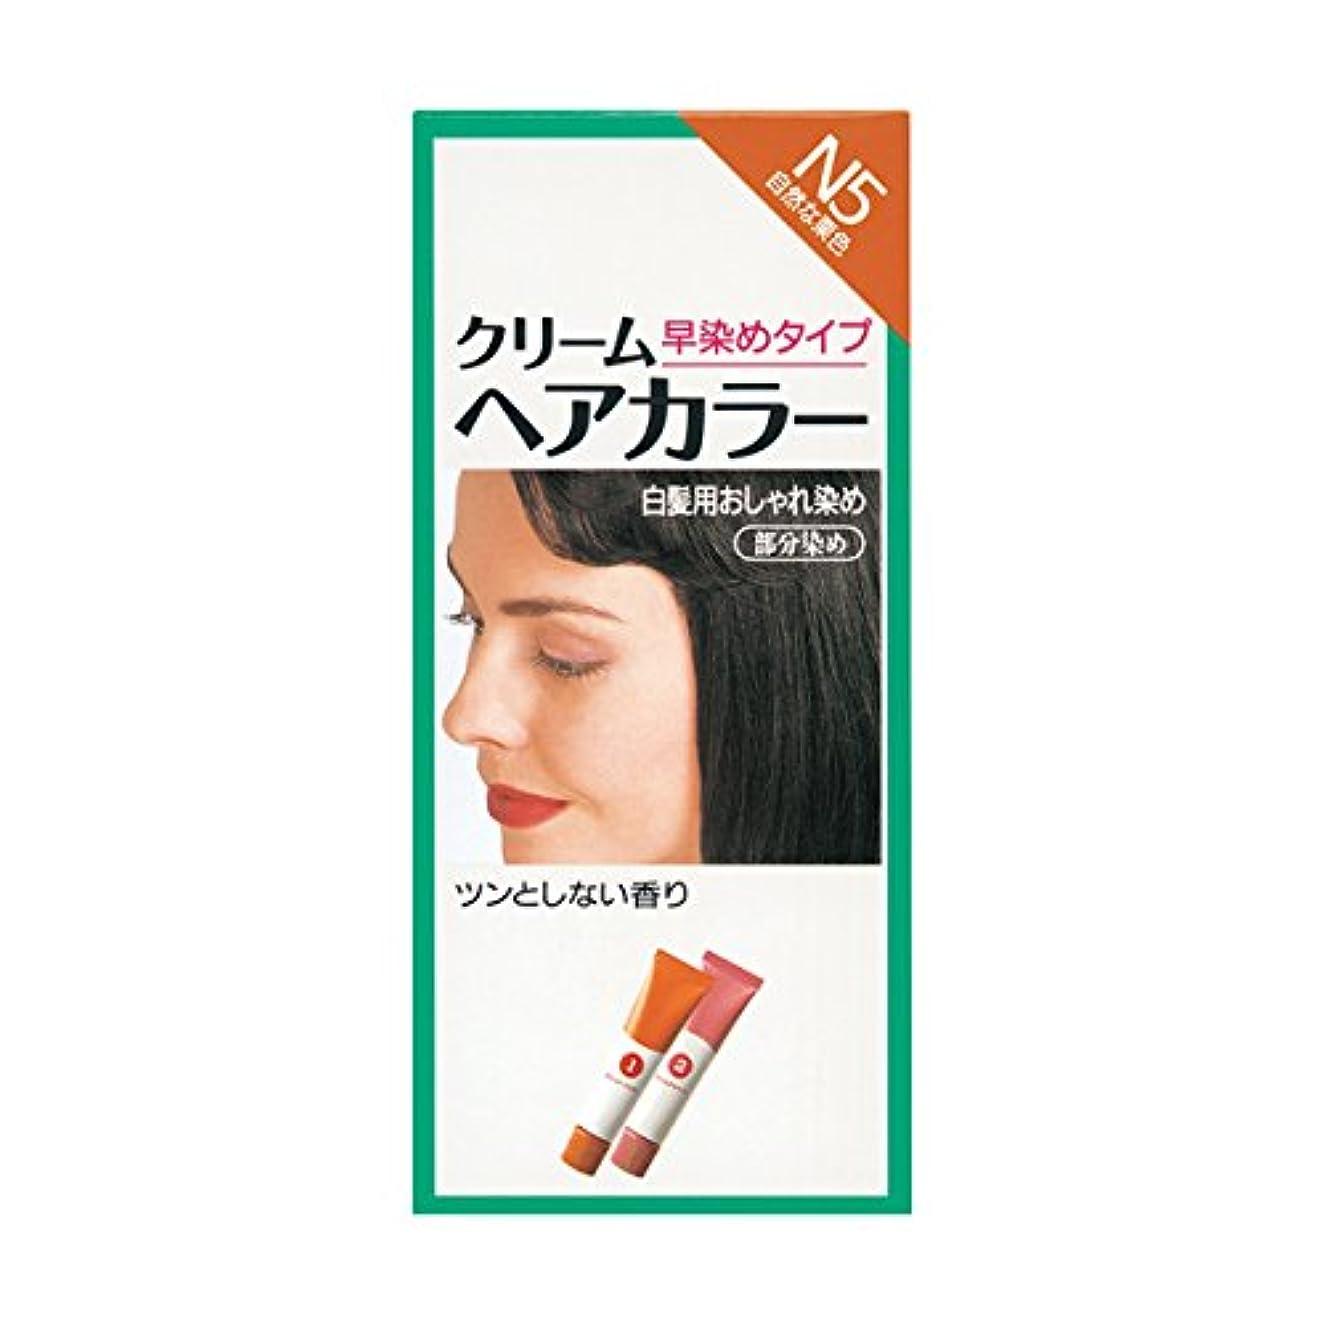 スワップホイールブッシュヘアカラー クリームヘアカラーN N5 【医薬部外品】